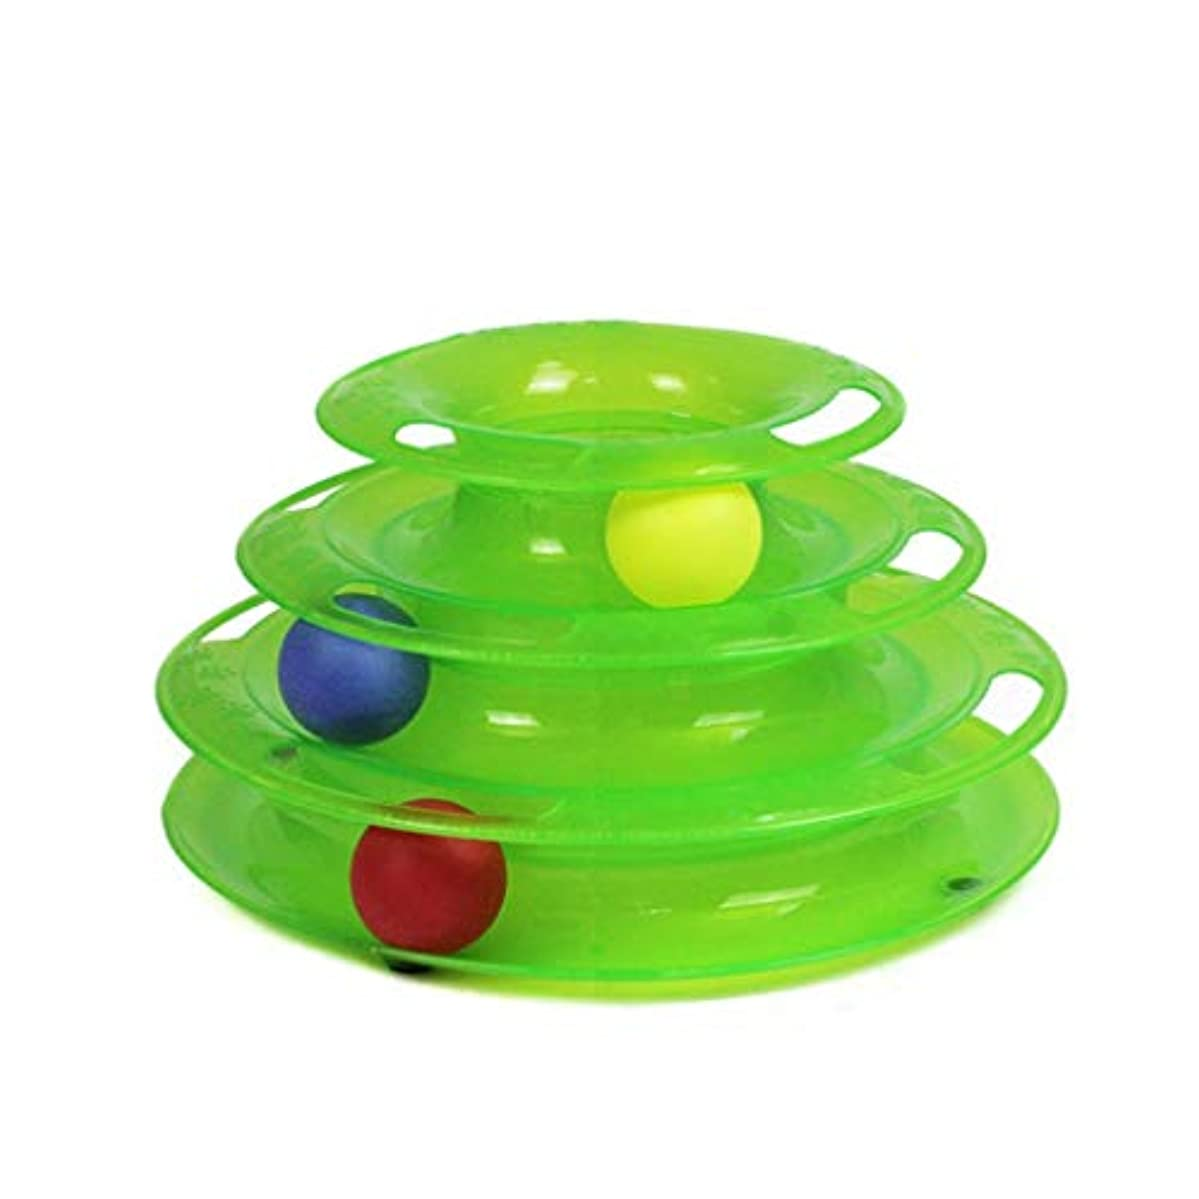 先入観スラッシュメロドラマSGLI 3層猫のおもちゃ、おもちゃのボール、臼歯インタラクティブボールをキャッチするABSパズル猫 ペットボール (Color : Green)